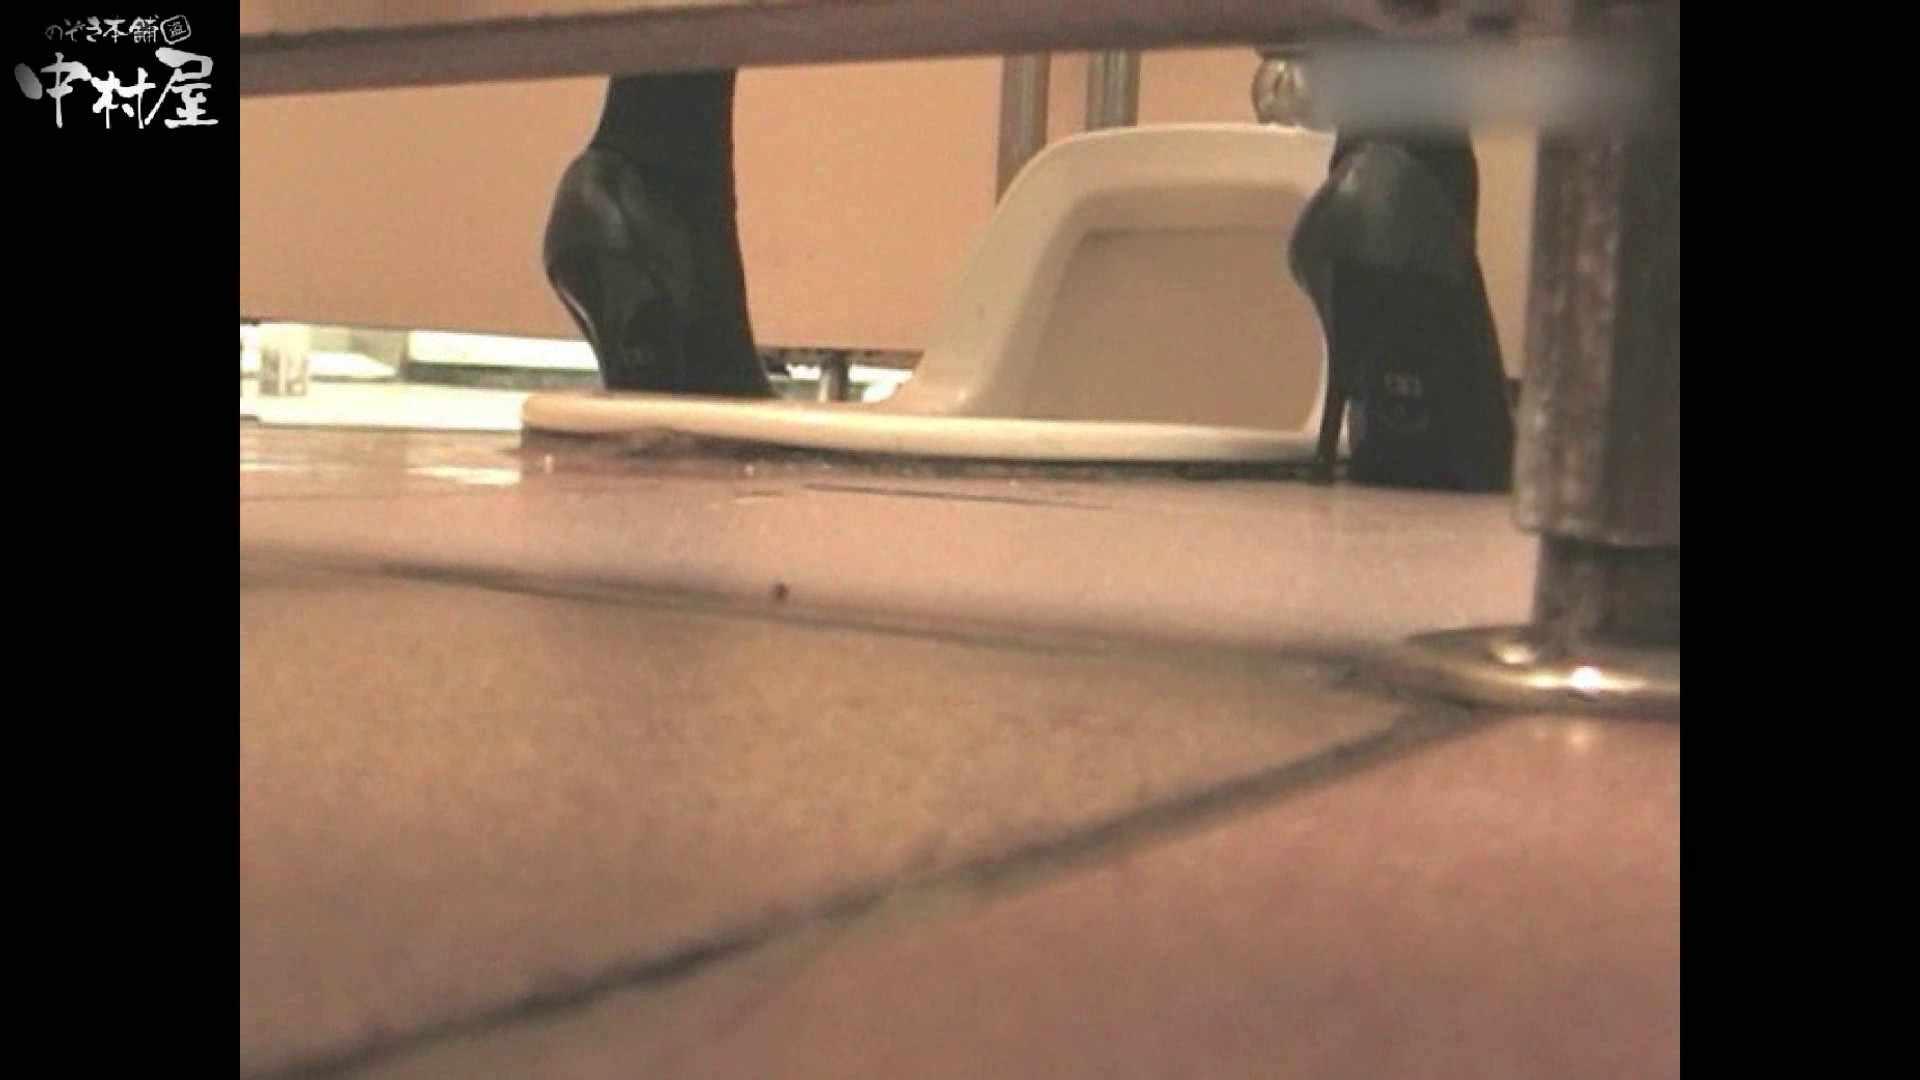 岩手県在住盗撮師盗撮記録vol.09 オマンコ特集 ワレメ動画紹介 110pic 5